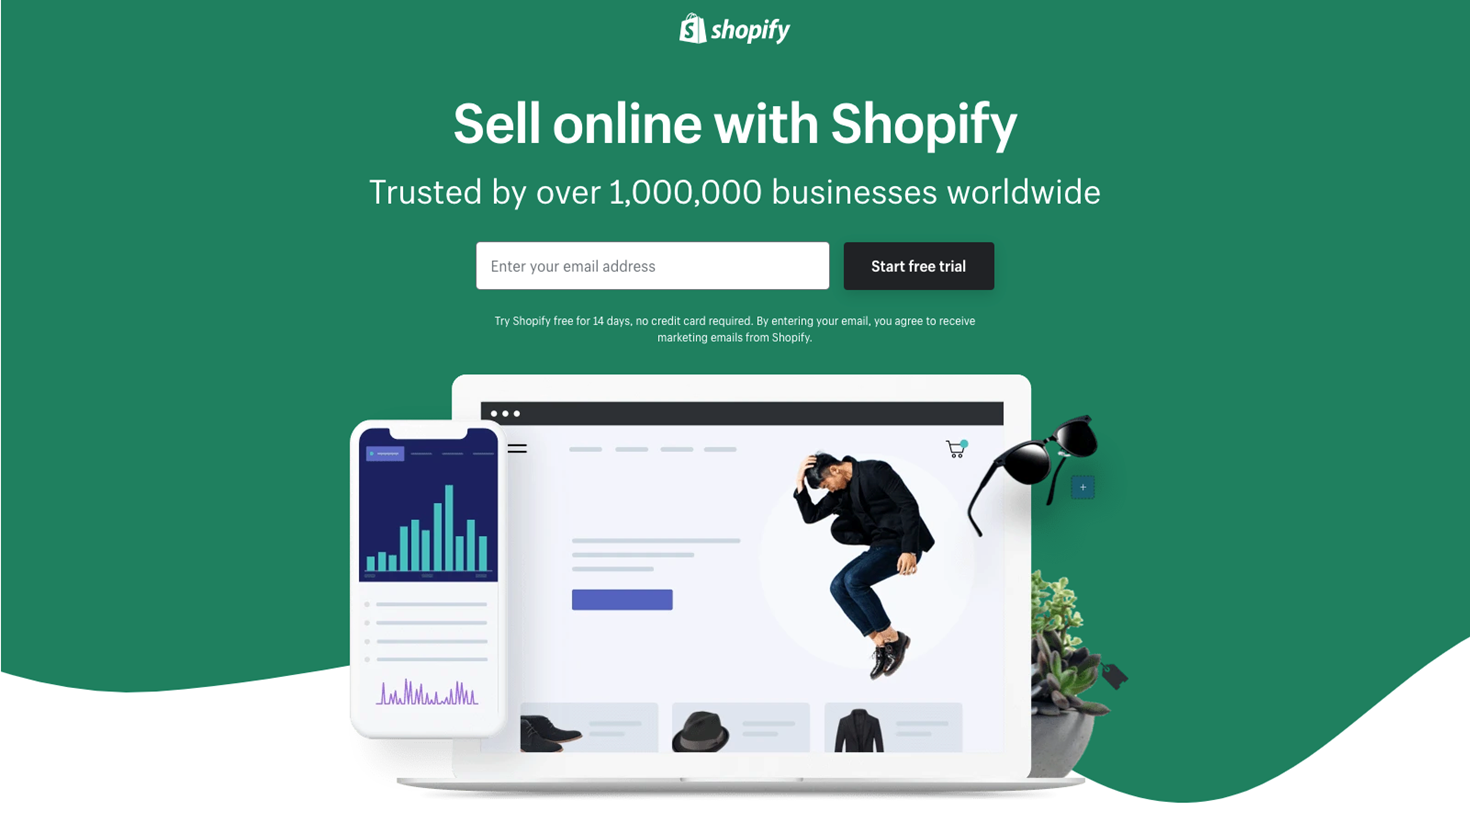 En grønn forside hos Shopify